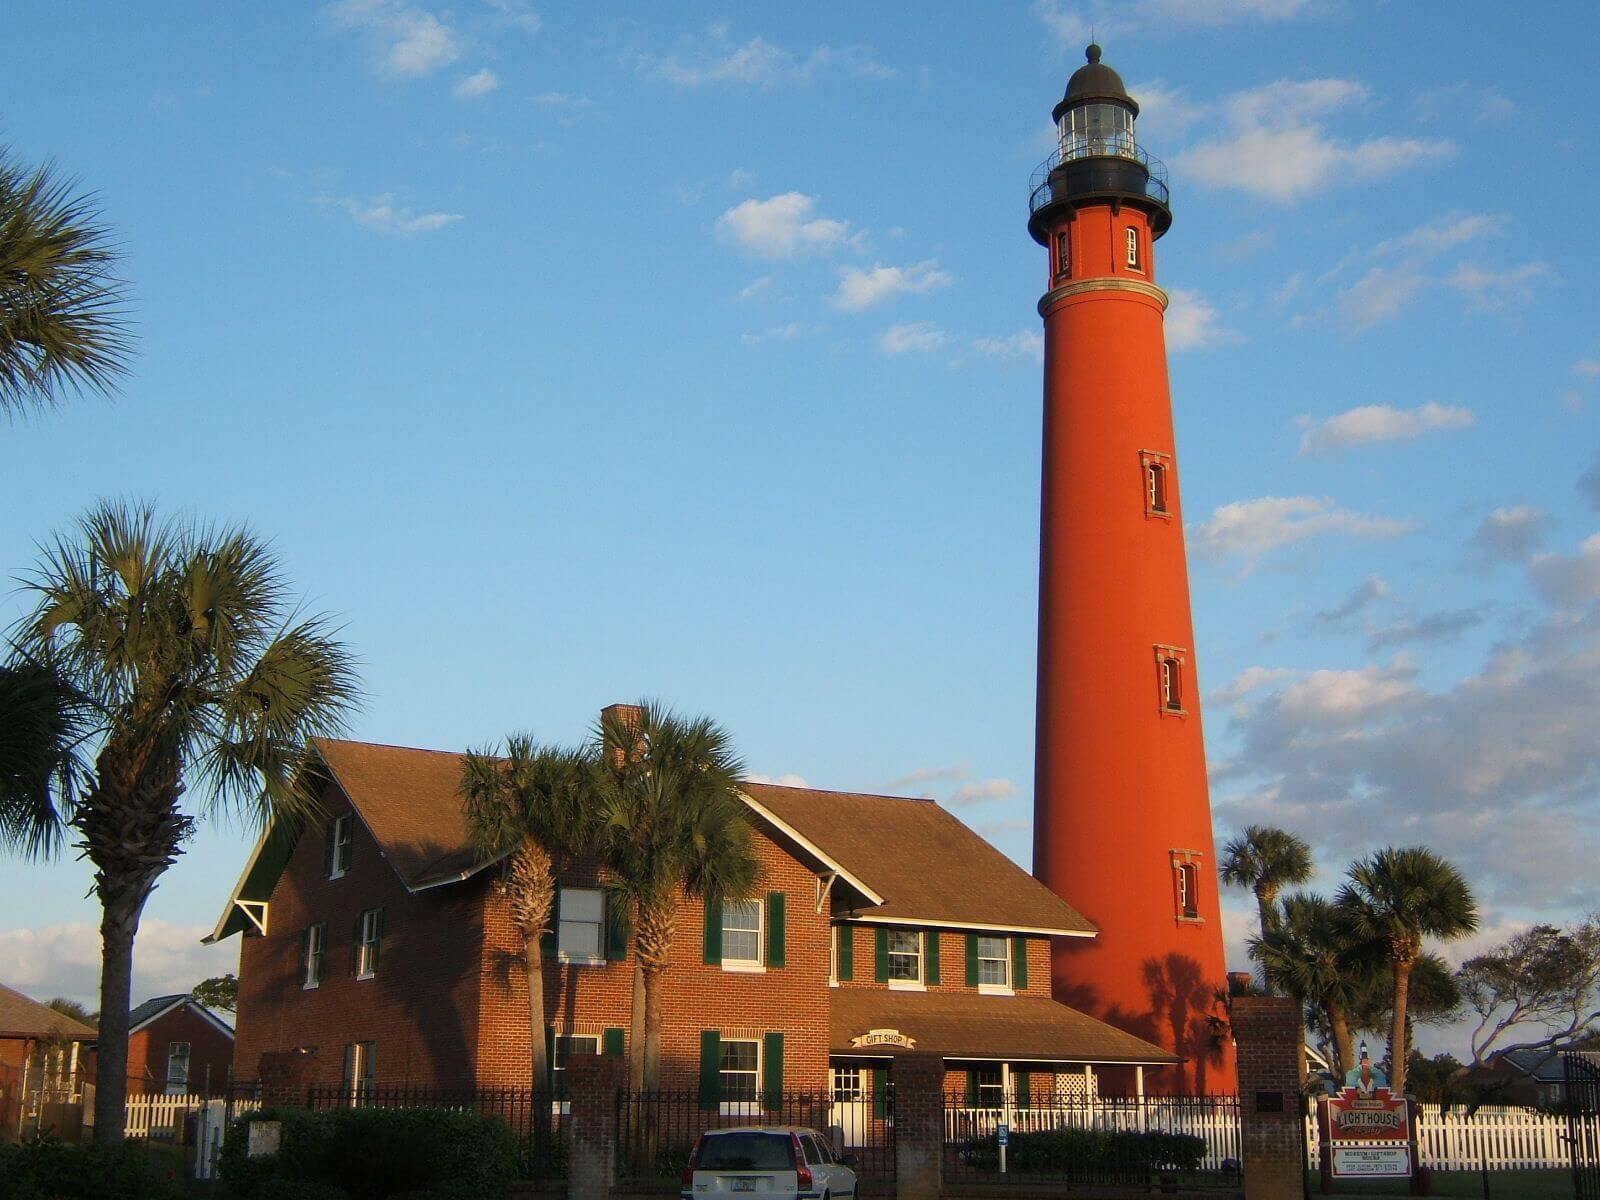 Pontos turísticos em Daytona Beach: Ponce de Leon Inlet Lighthouse and Museum